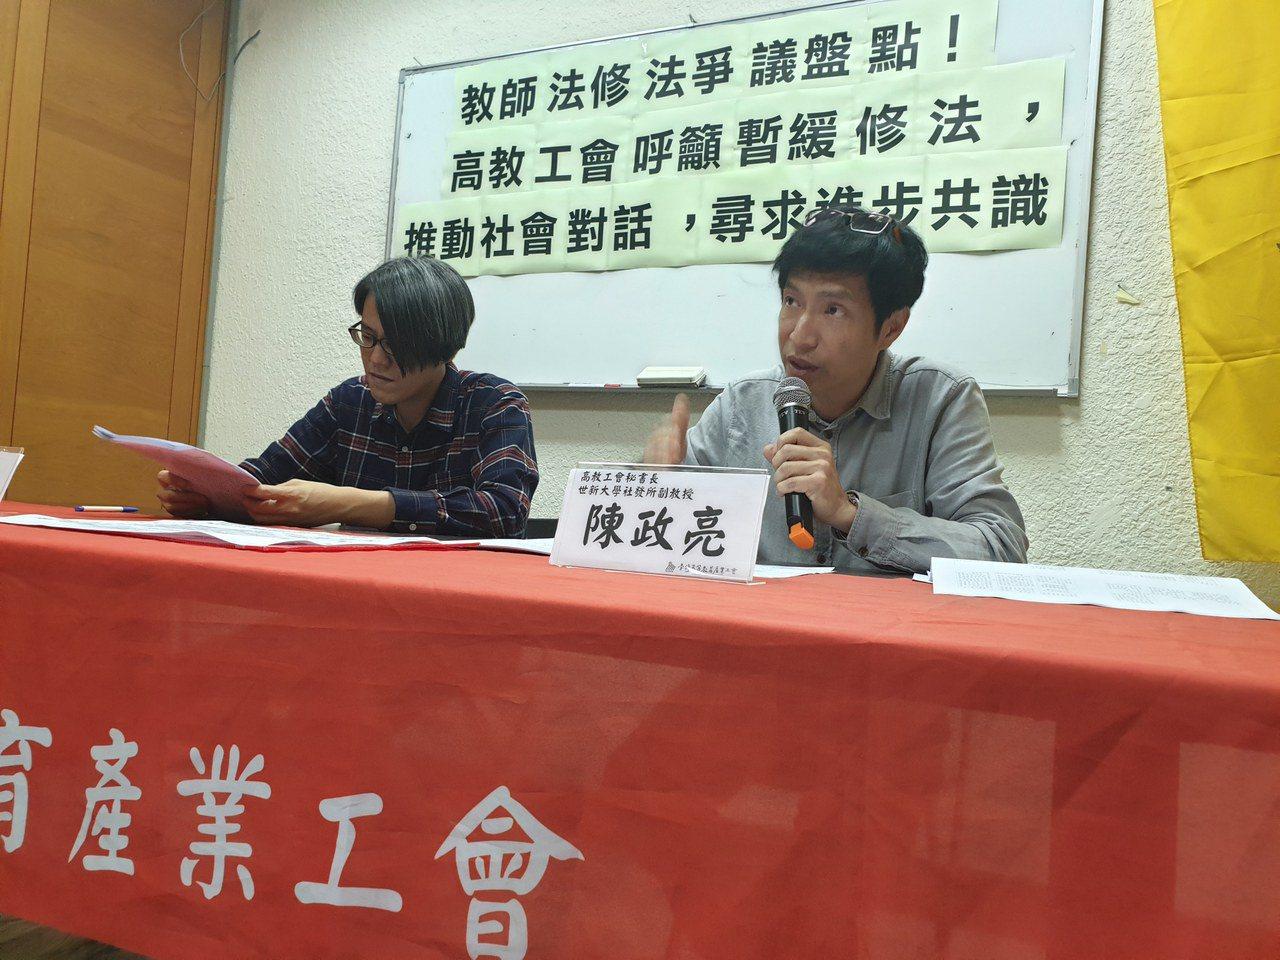 針對教師法修法爭議,台灣高等教育工會今召開記者會,直指教師法修正草案已成大專校院...